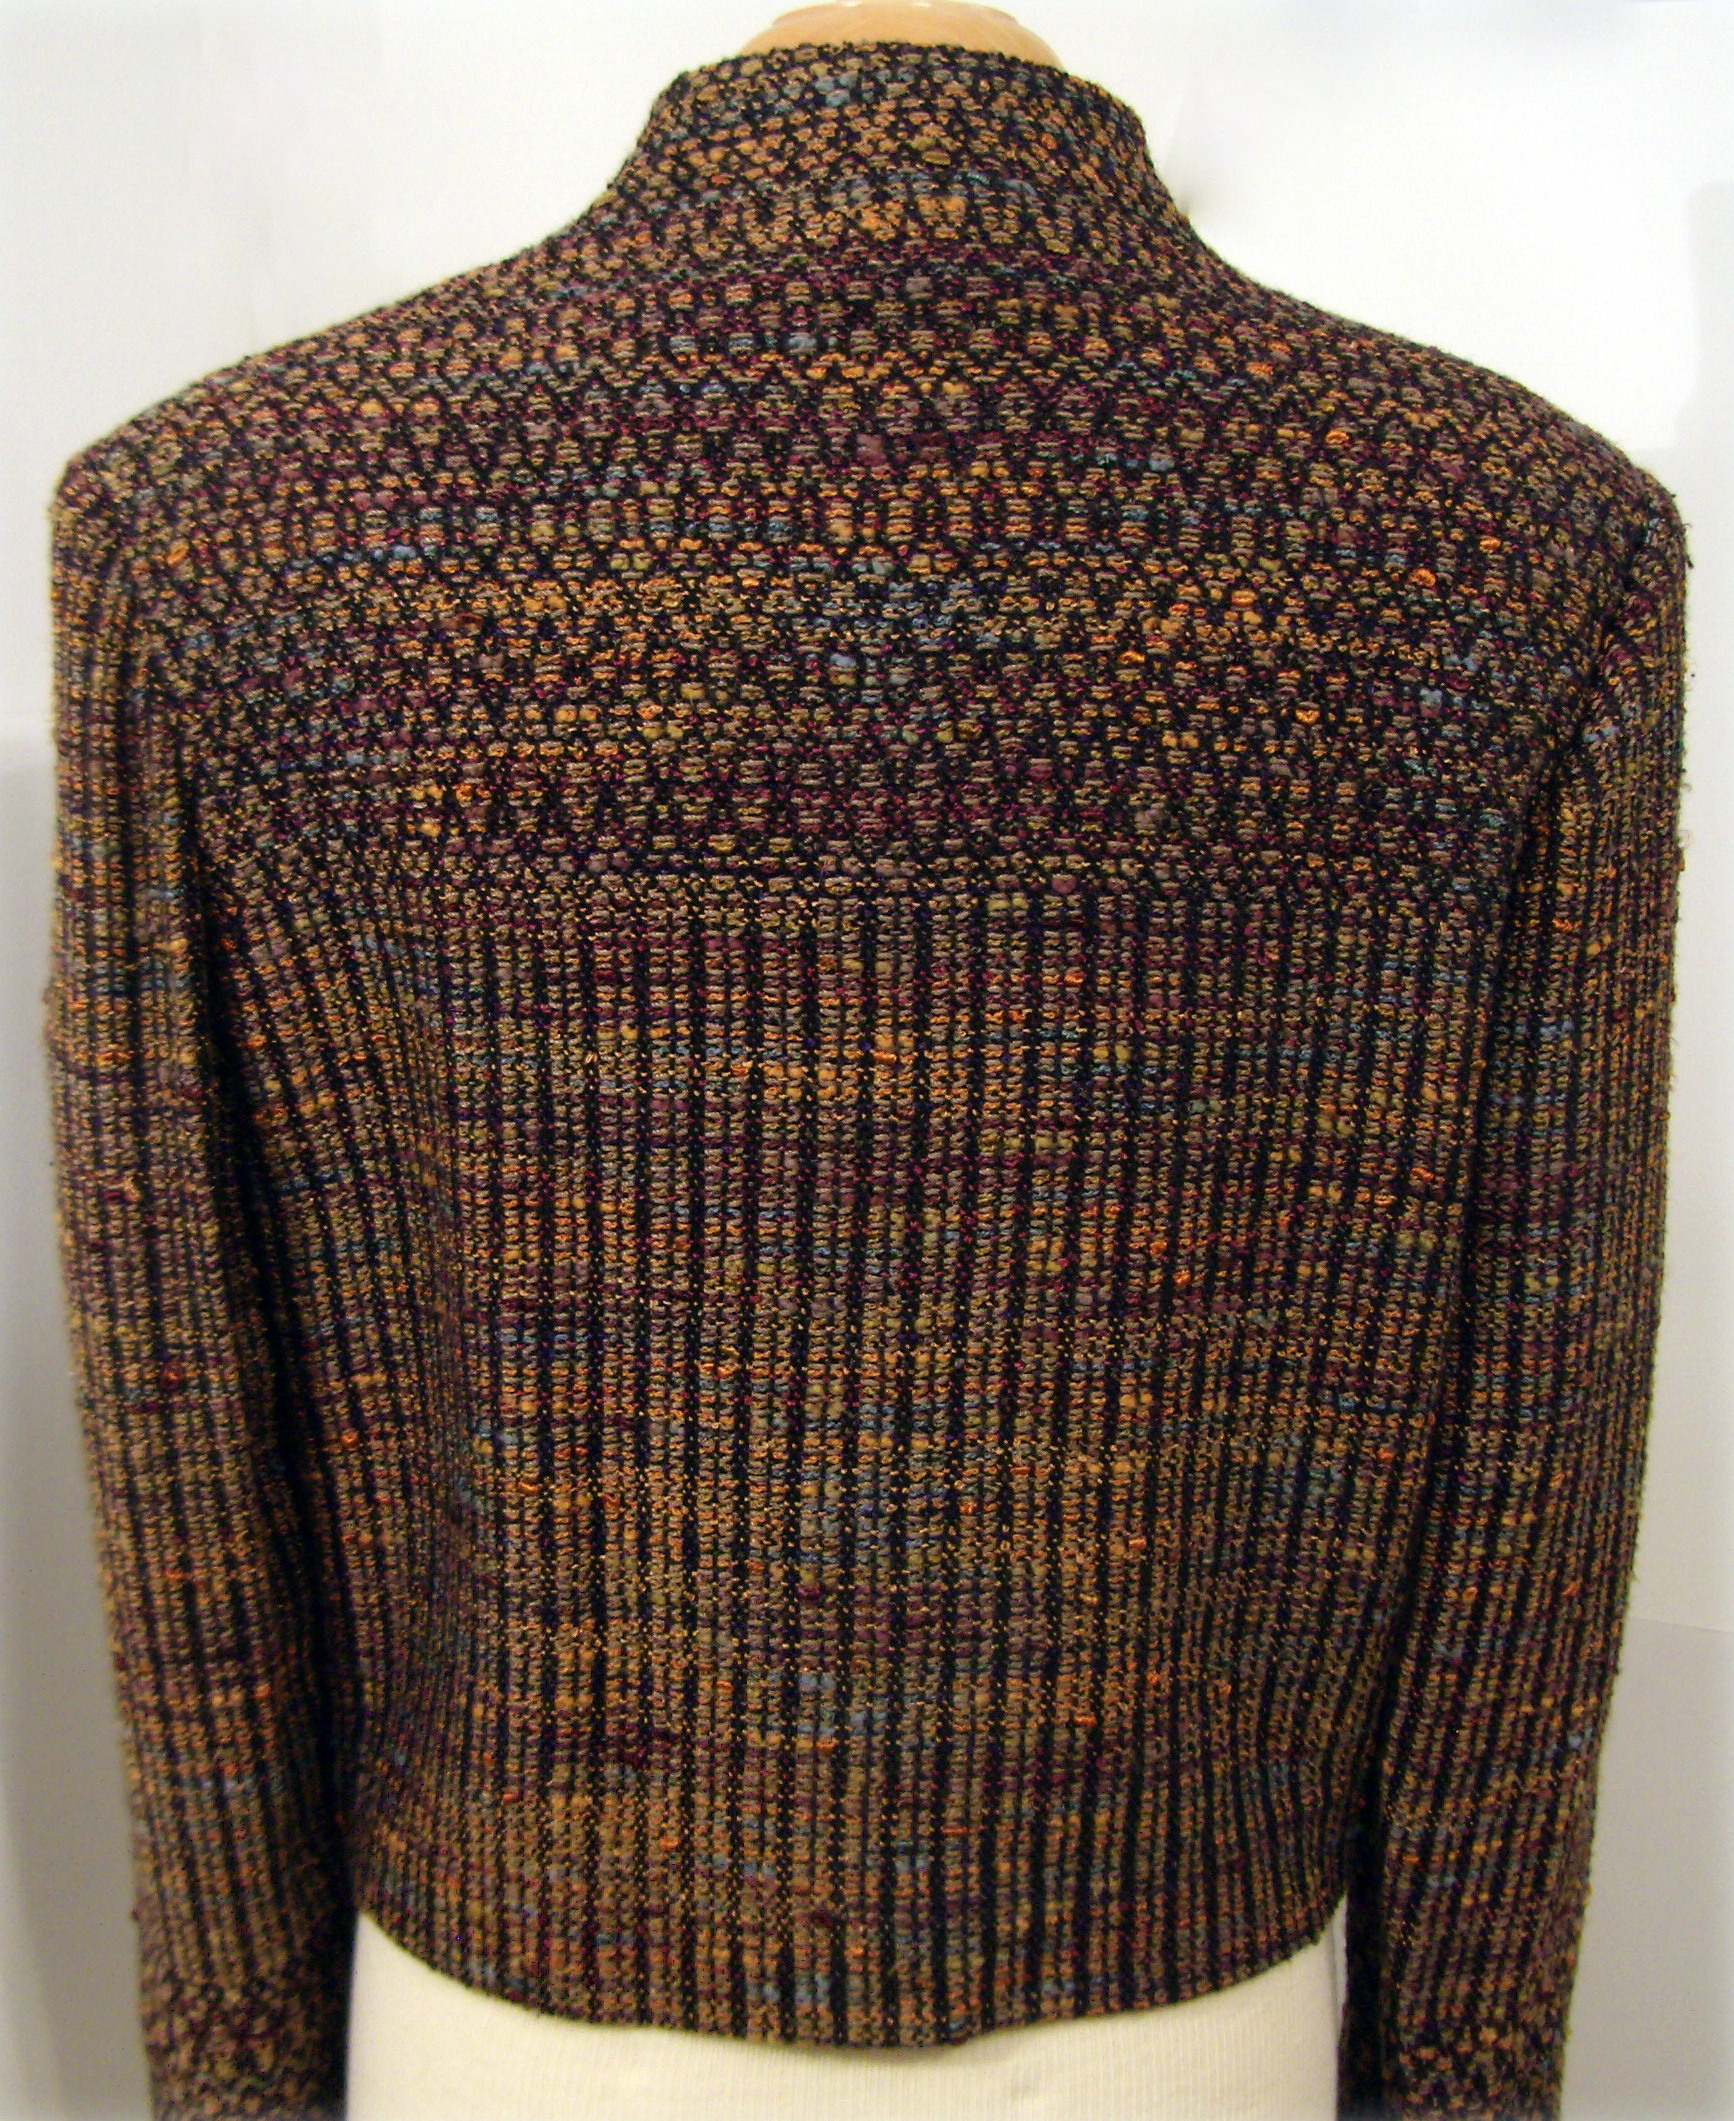 Hand Woven Jacket, Kathleen Weir-West, Fiber Art 7.JPG